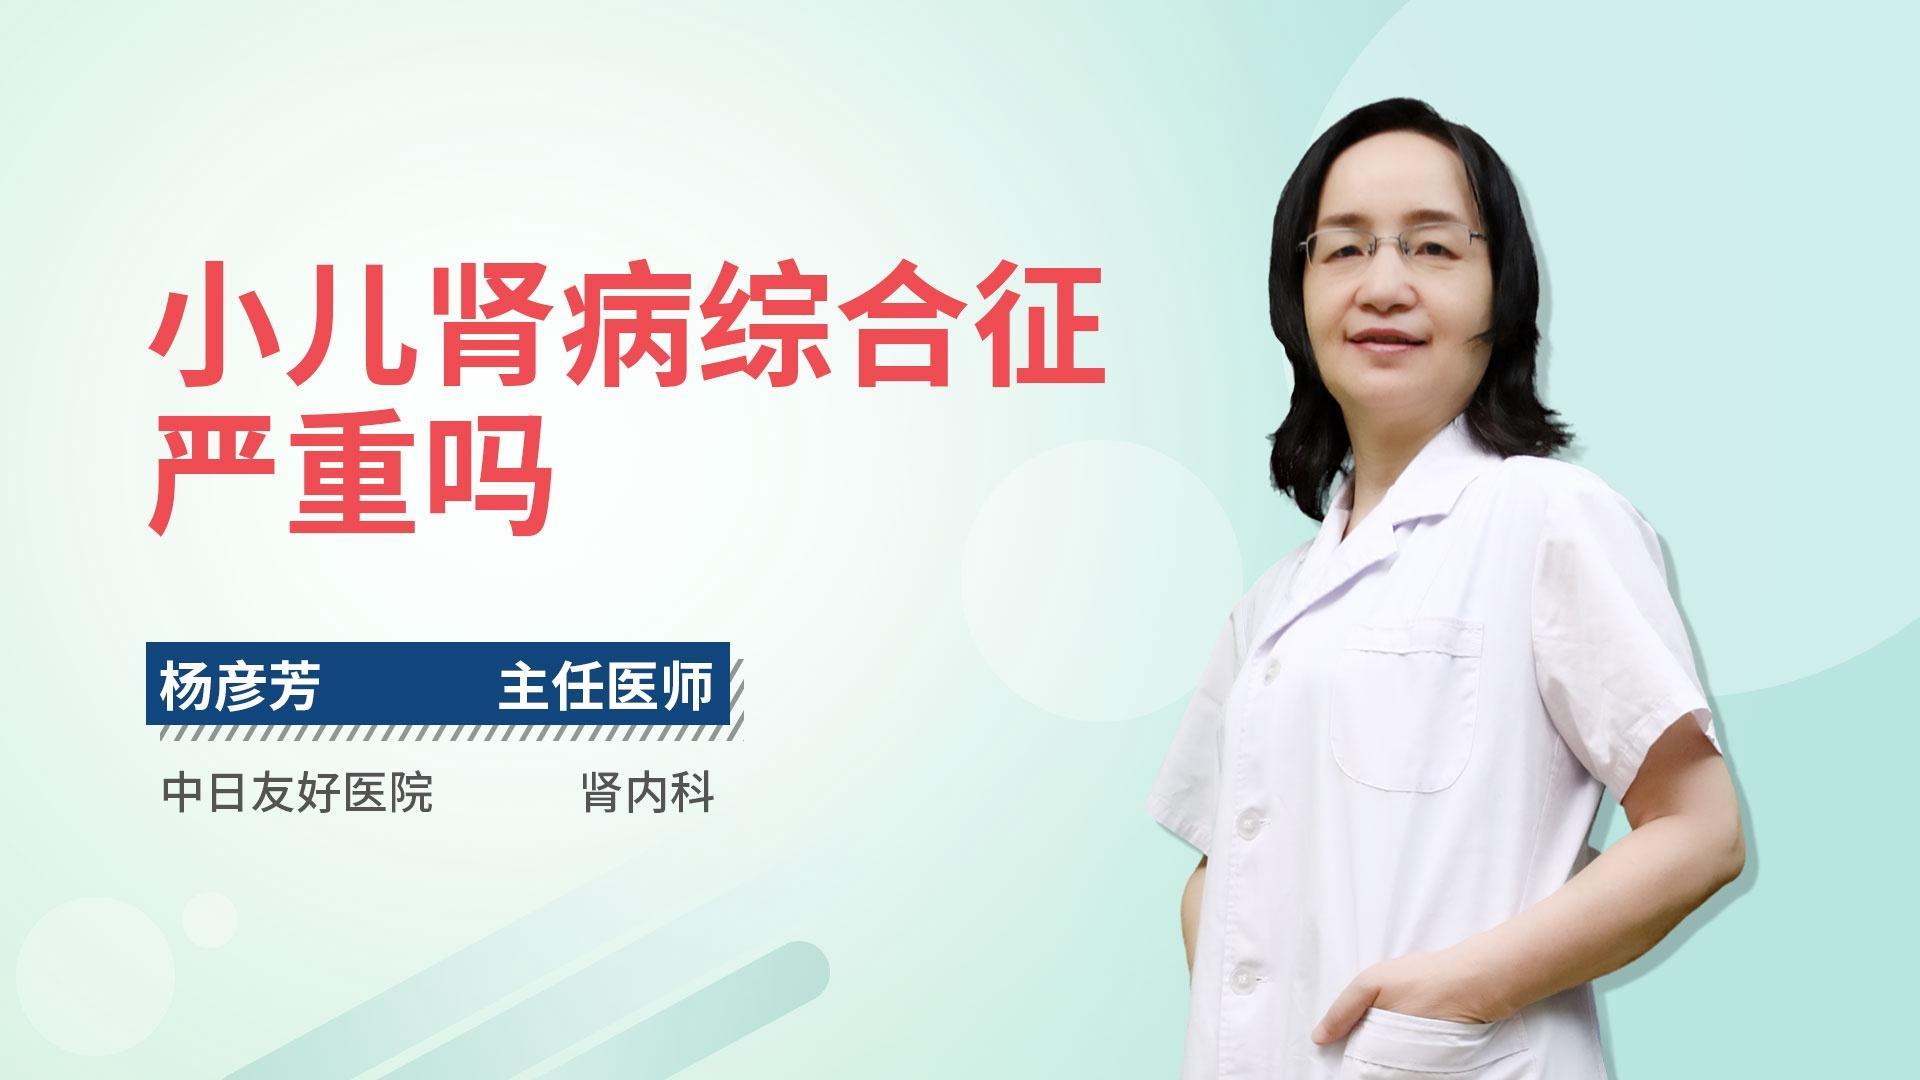 慢性肾炎能不能治好_慢性肾衰竭不能吃什么_杏林普康